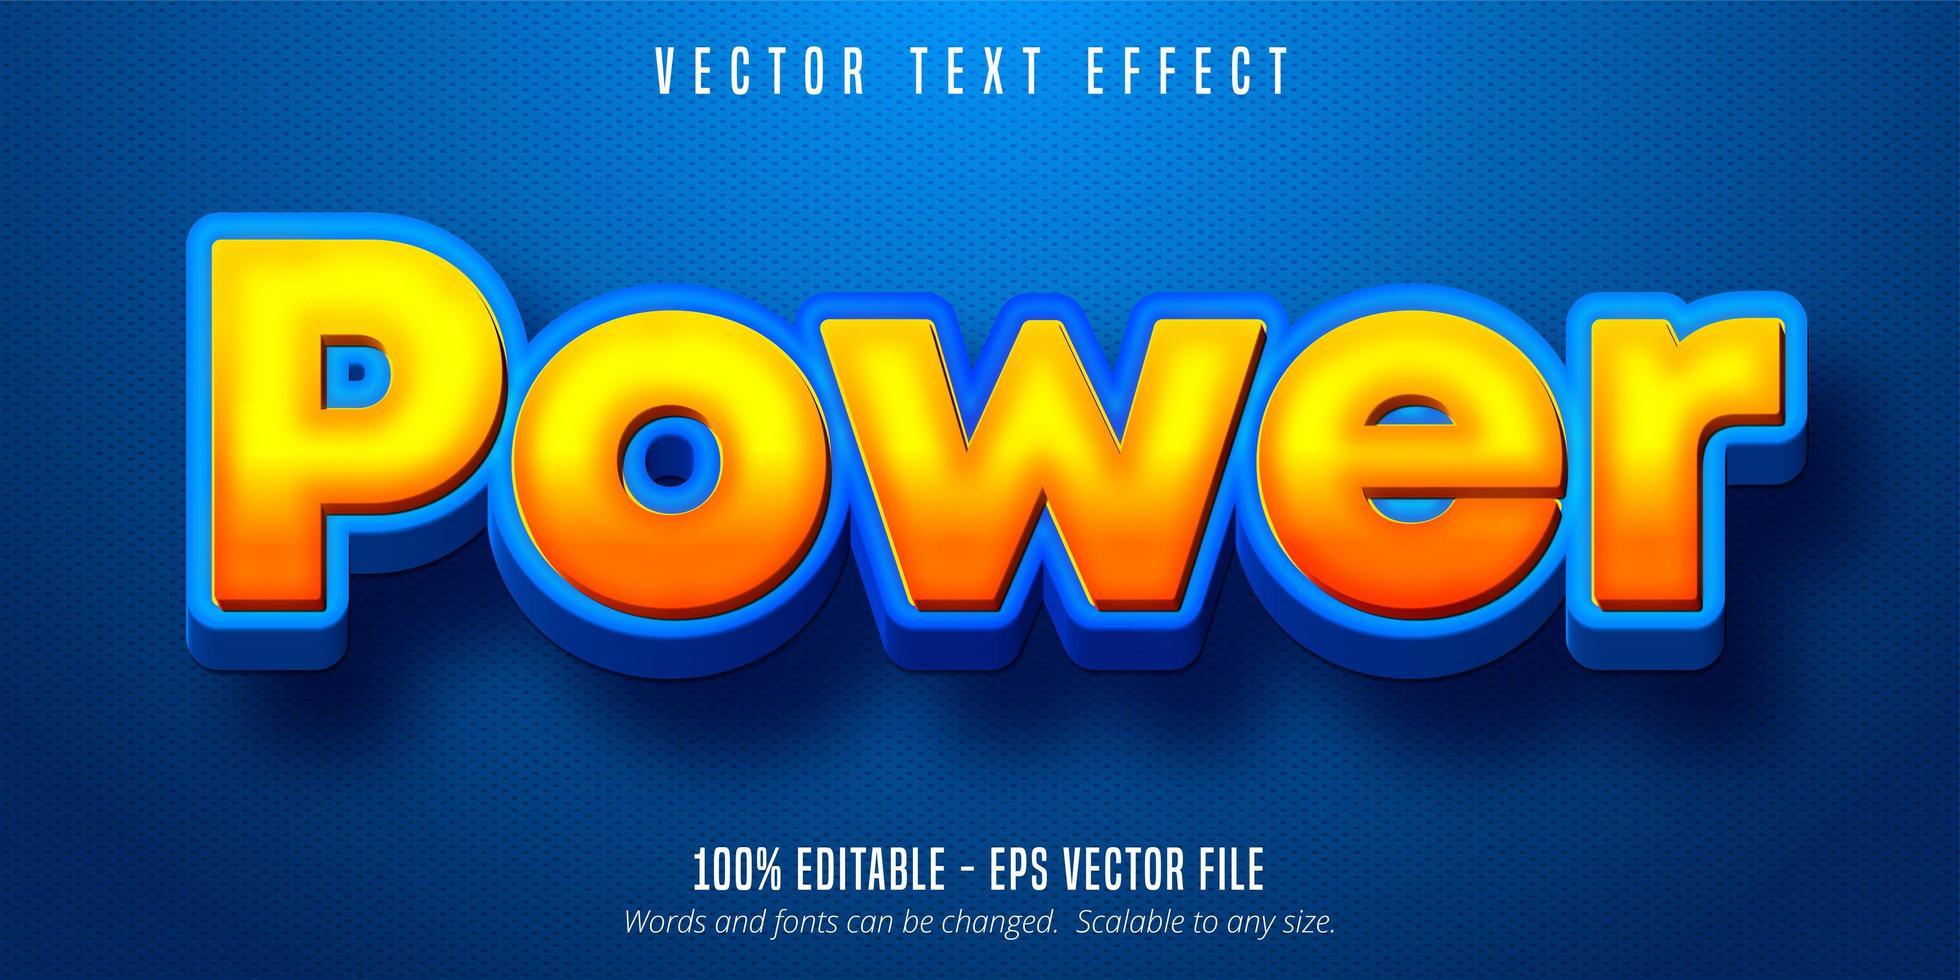 efecto de texto editable de estilo de dibujos animados de gradiente naranja vector